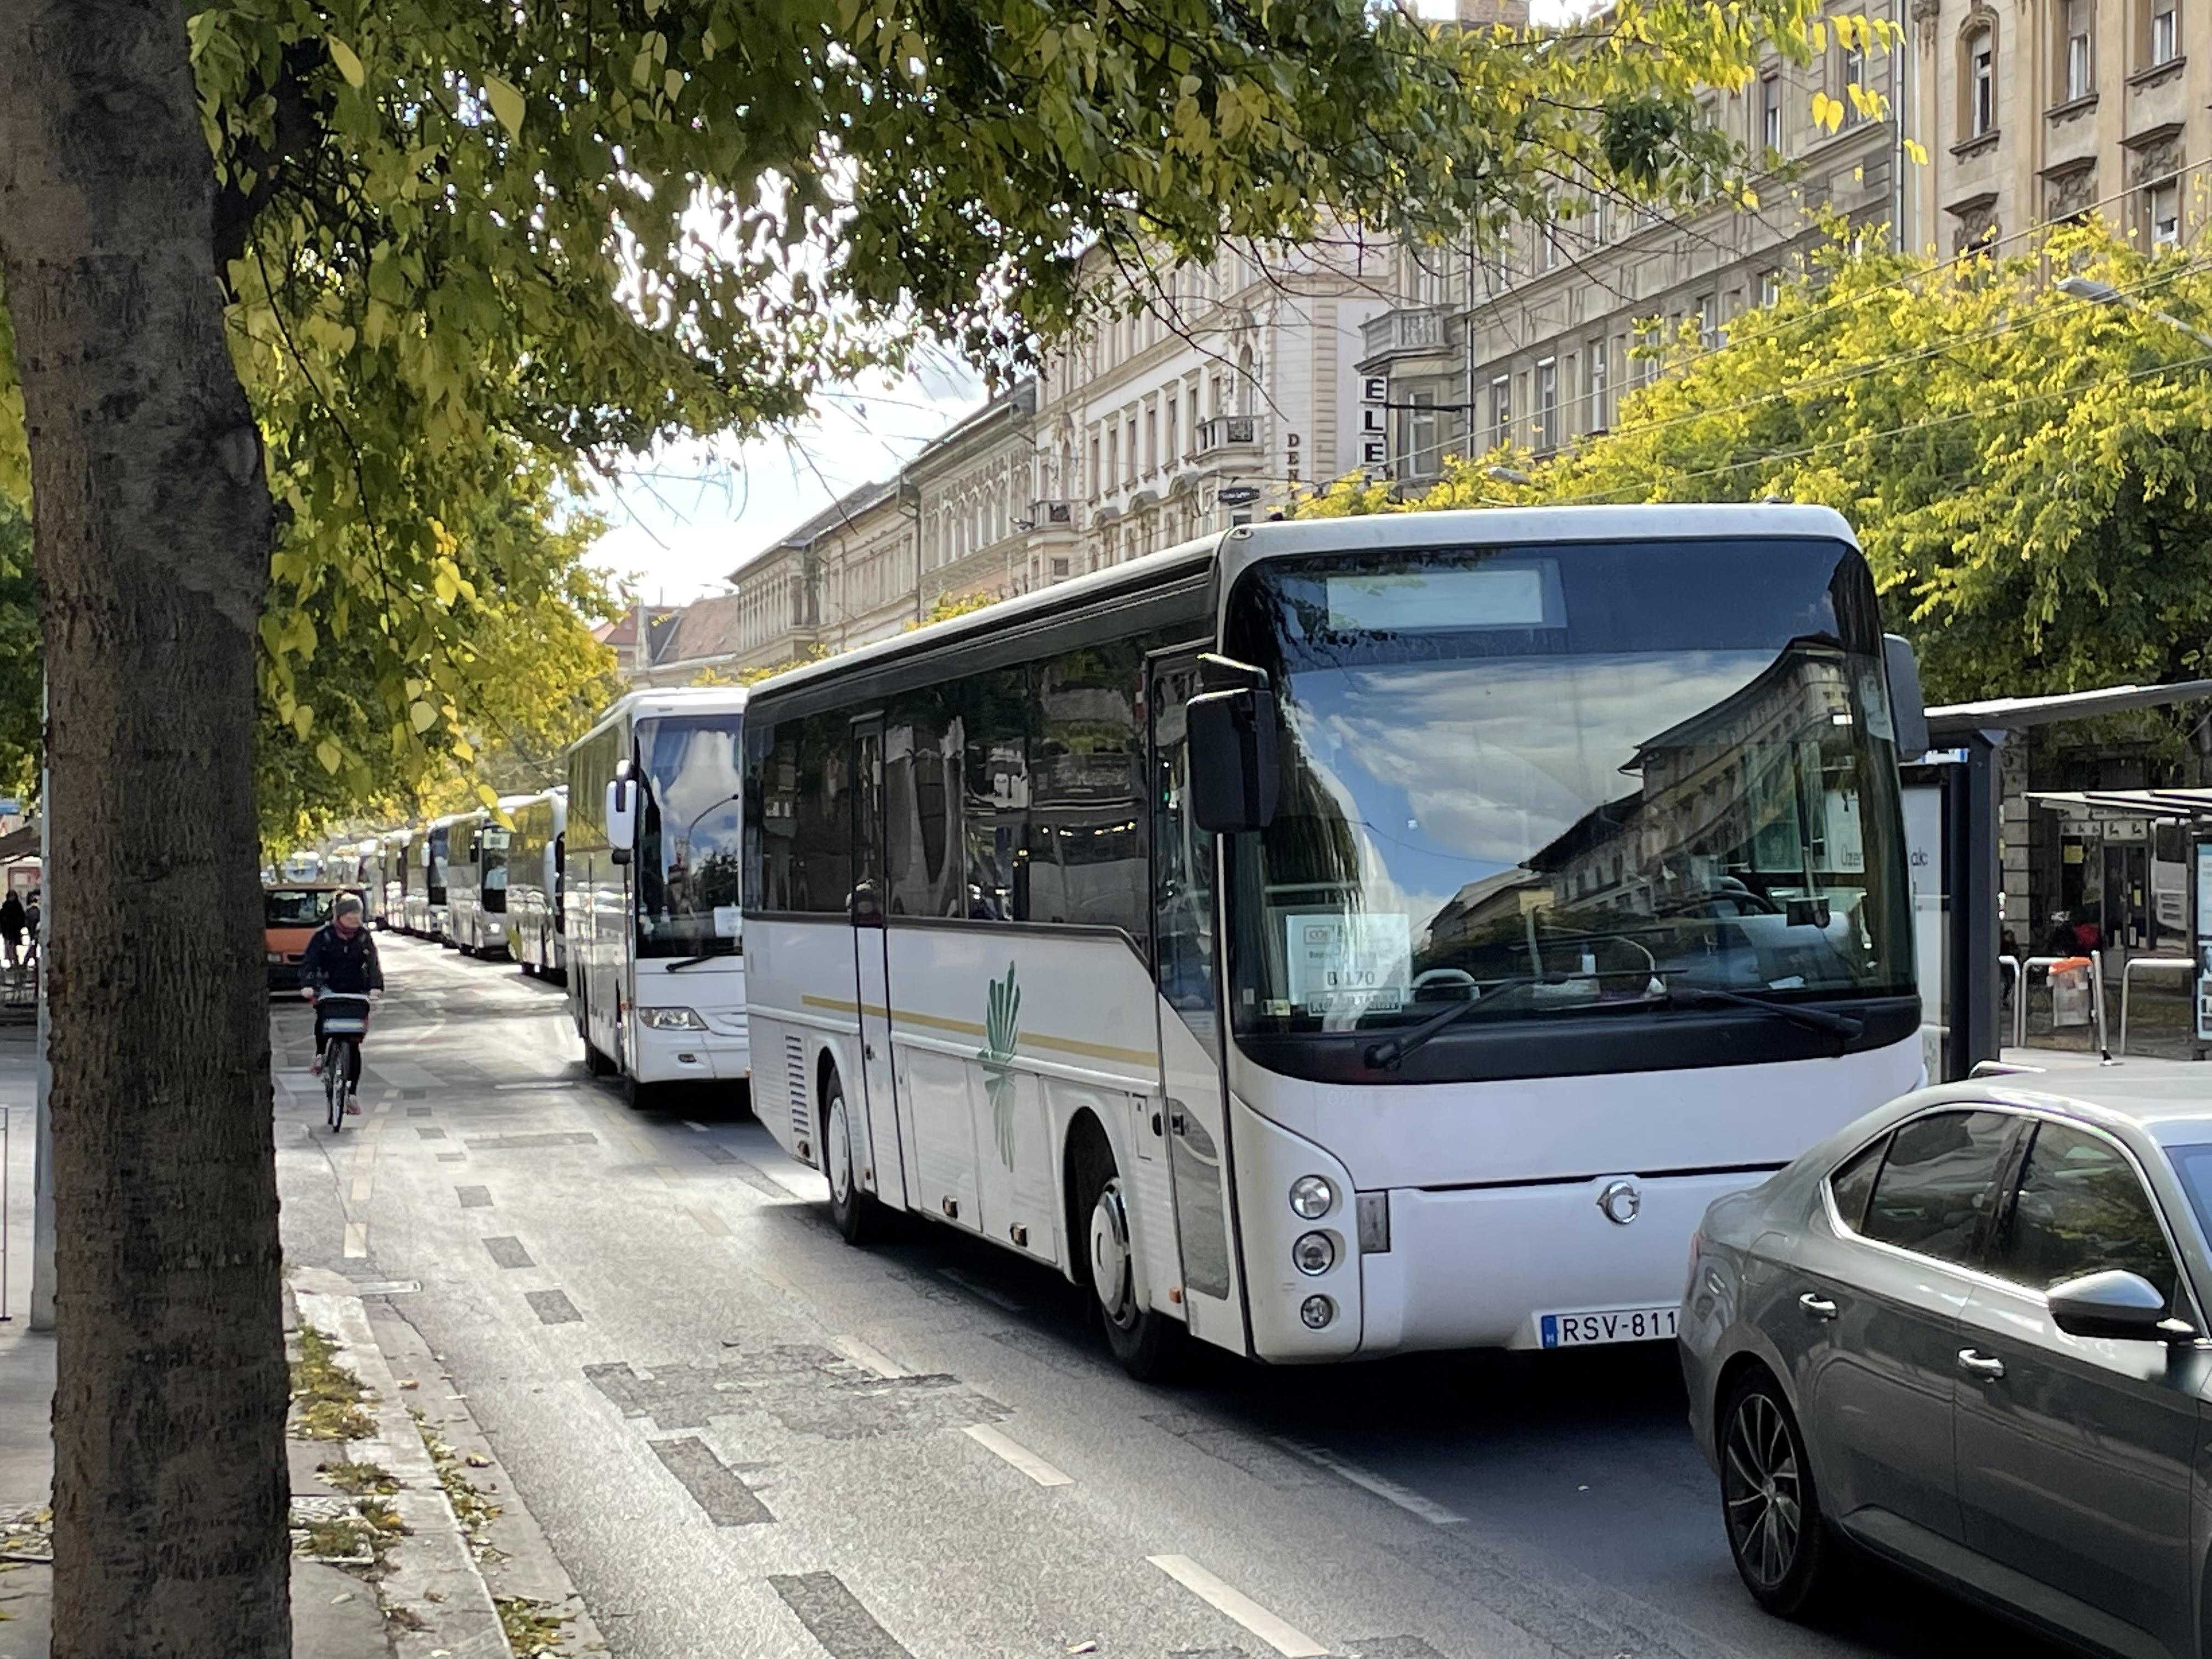 CÖF-CÖKA: nem szerződtettünk buszokat, hogy vidékről hozzuk az embereket a Békemenetre